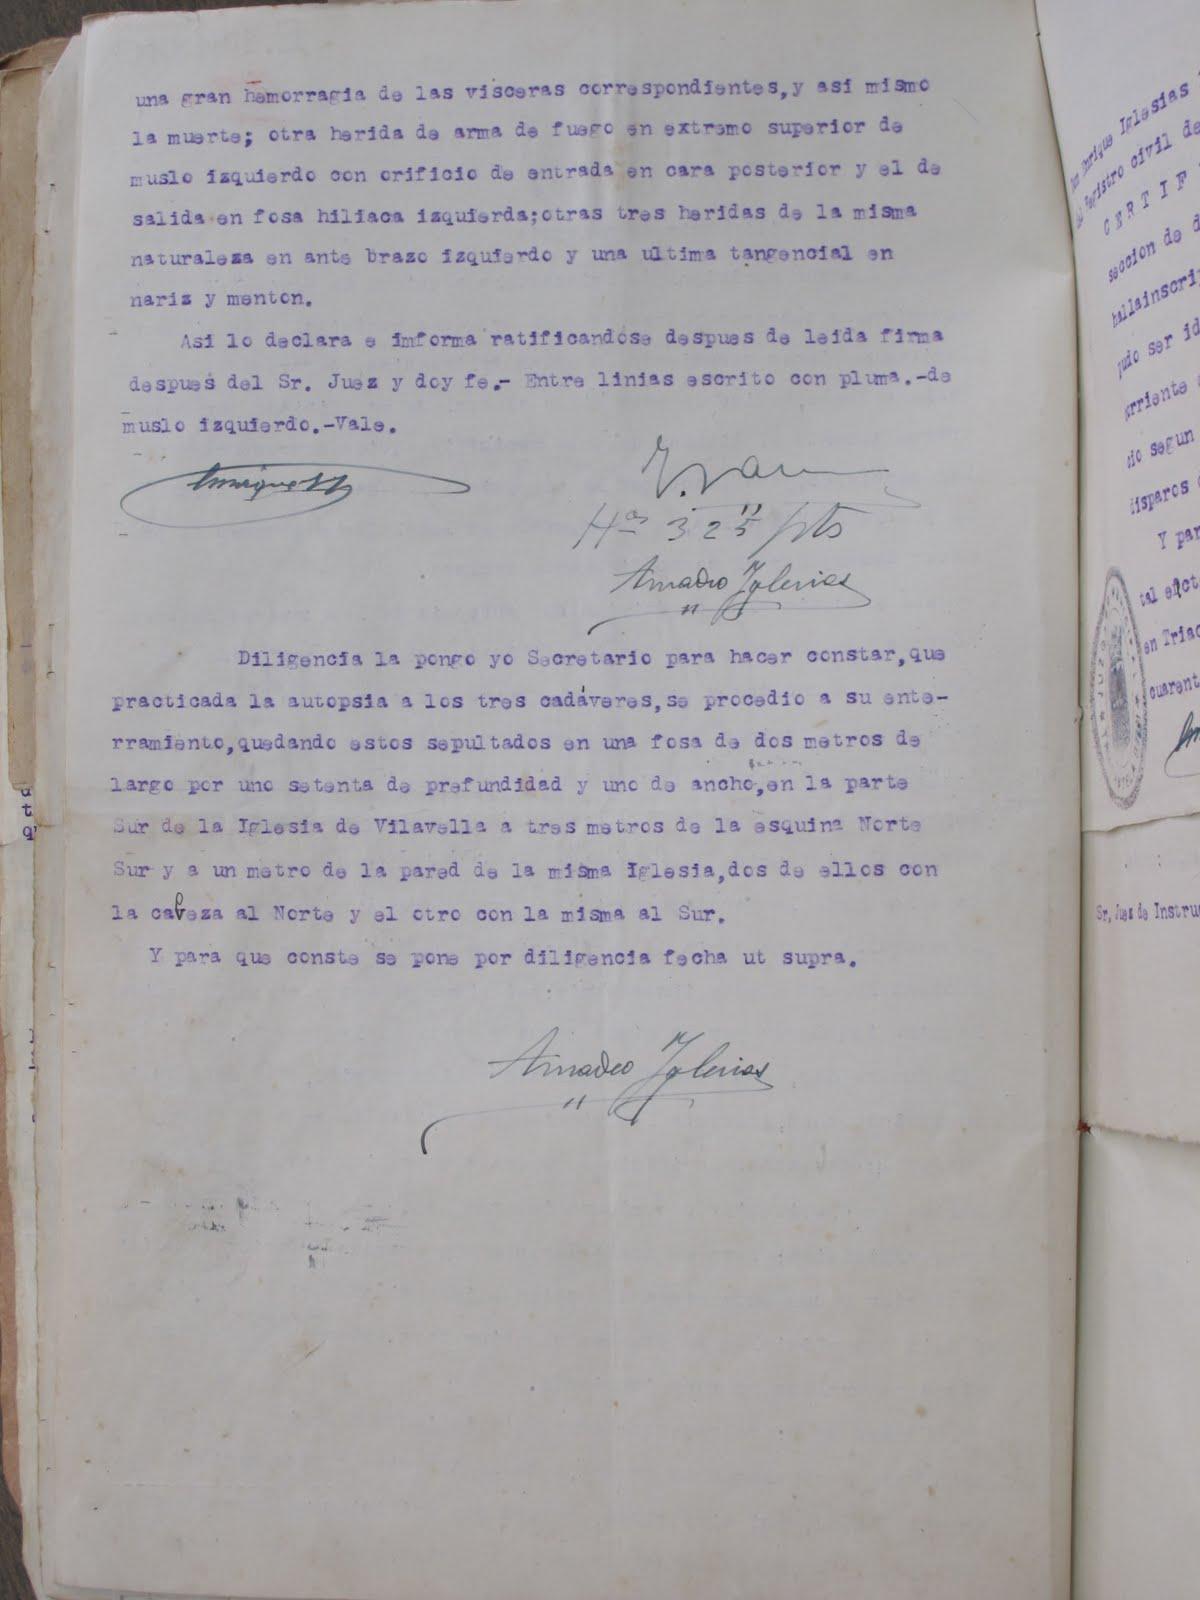 Continuación de la autopsia a los tres guerrilleros, noviembre de 1943.